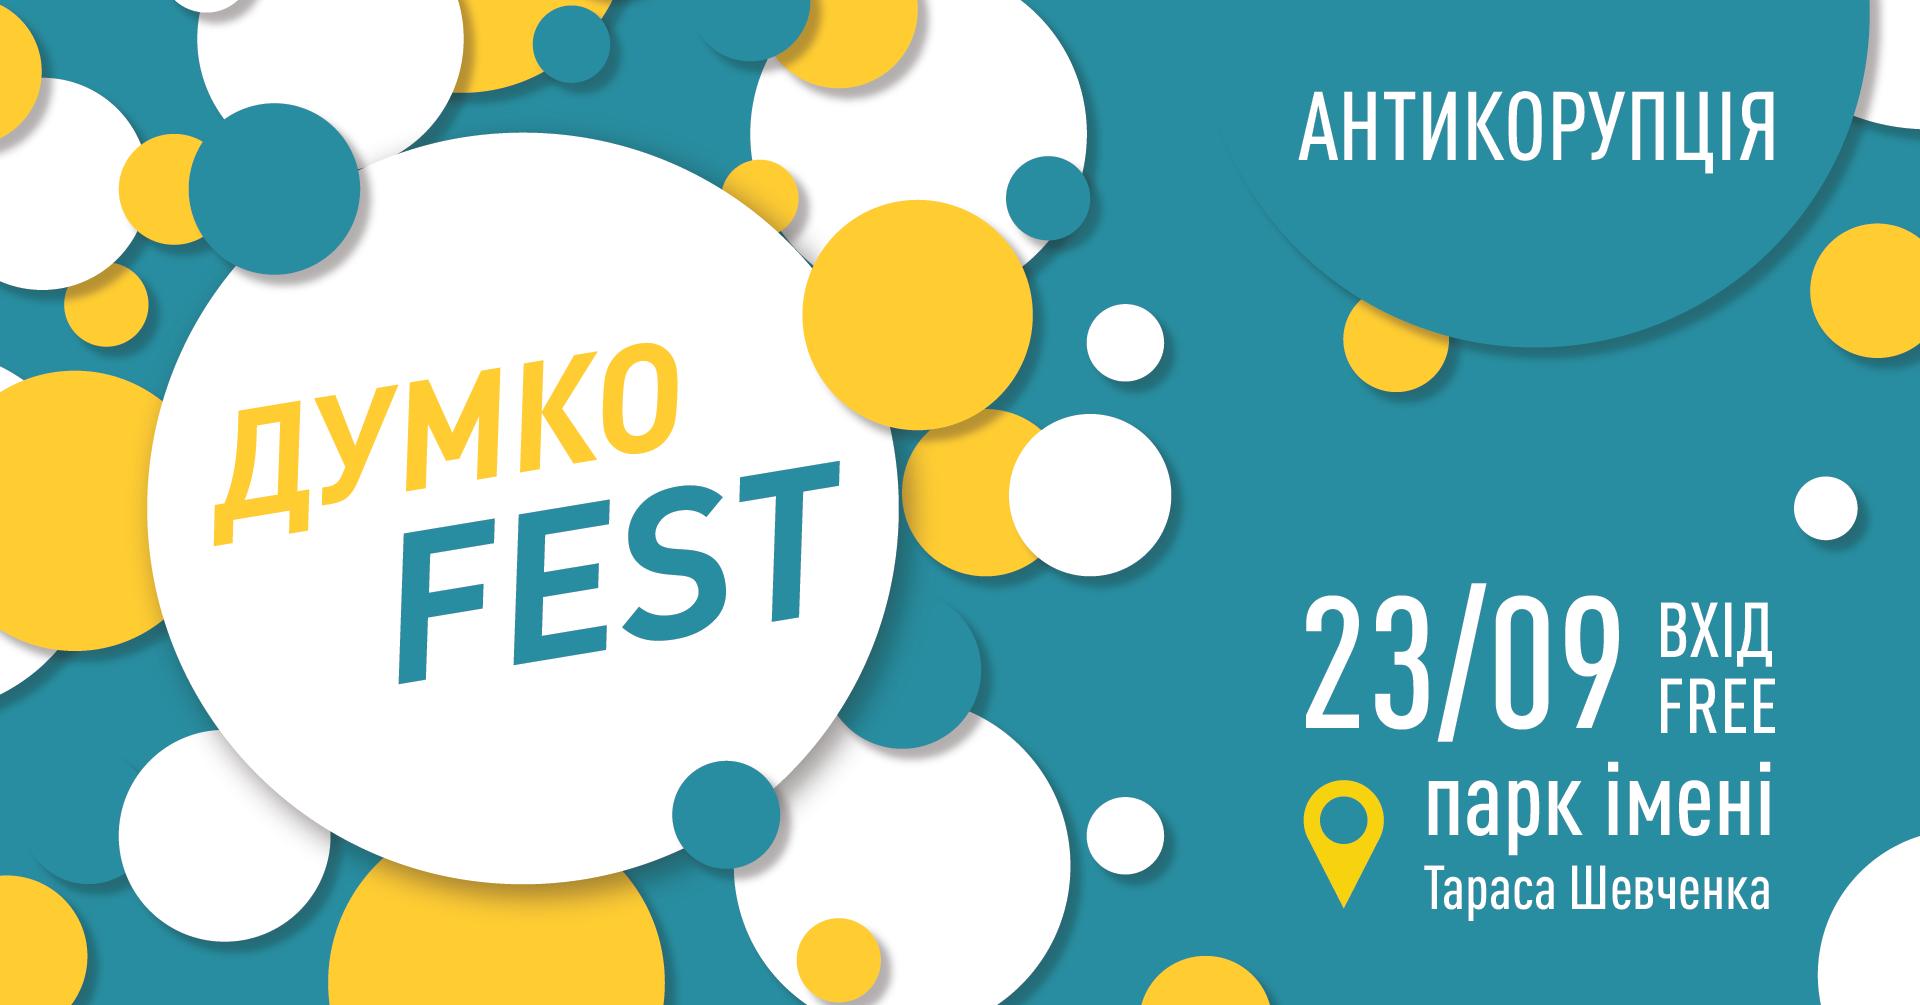 У Києві пройде унікальний фестиваль діалогу «ДумкоFest.Антикорупція»